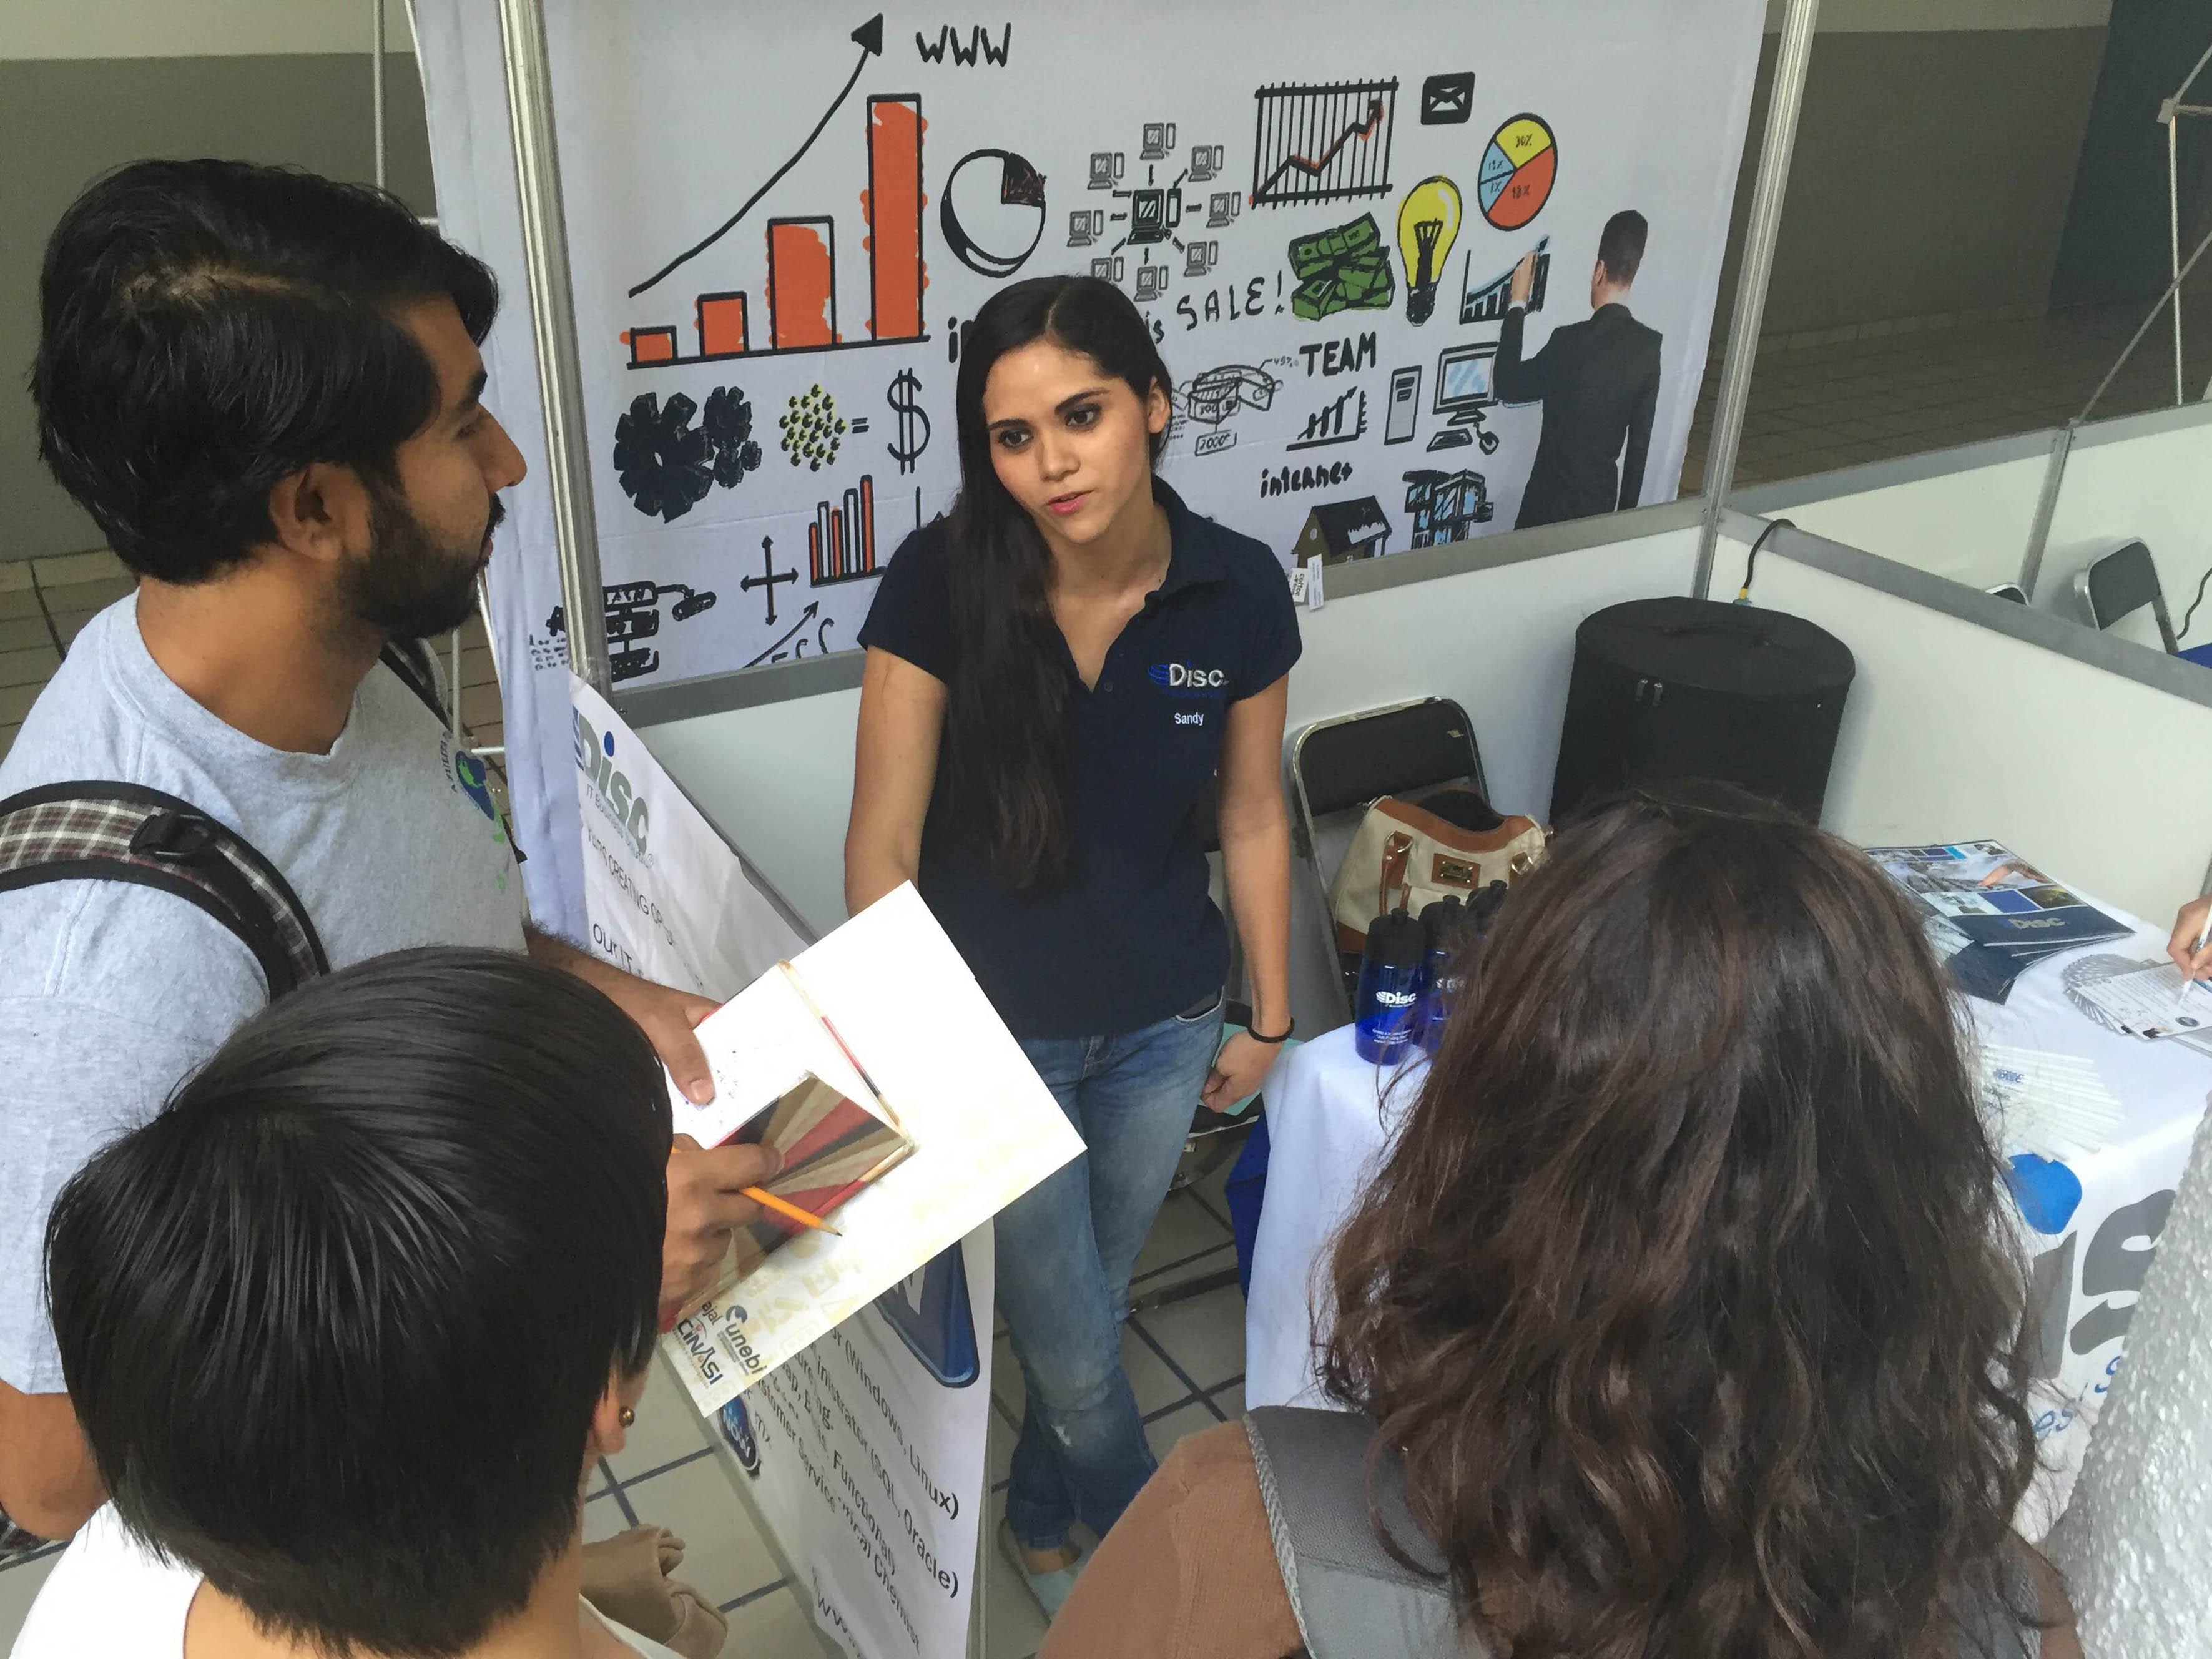 Reclutadora proporcionando información del trabajo a grupo de estudiantes del CUCEI.